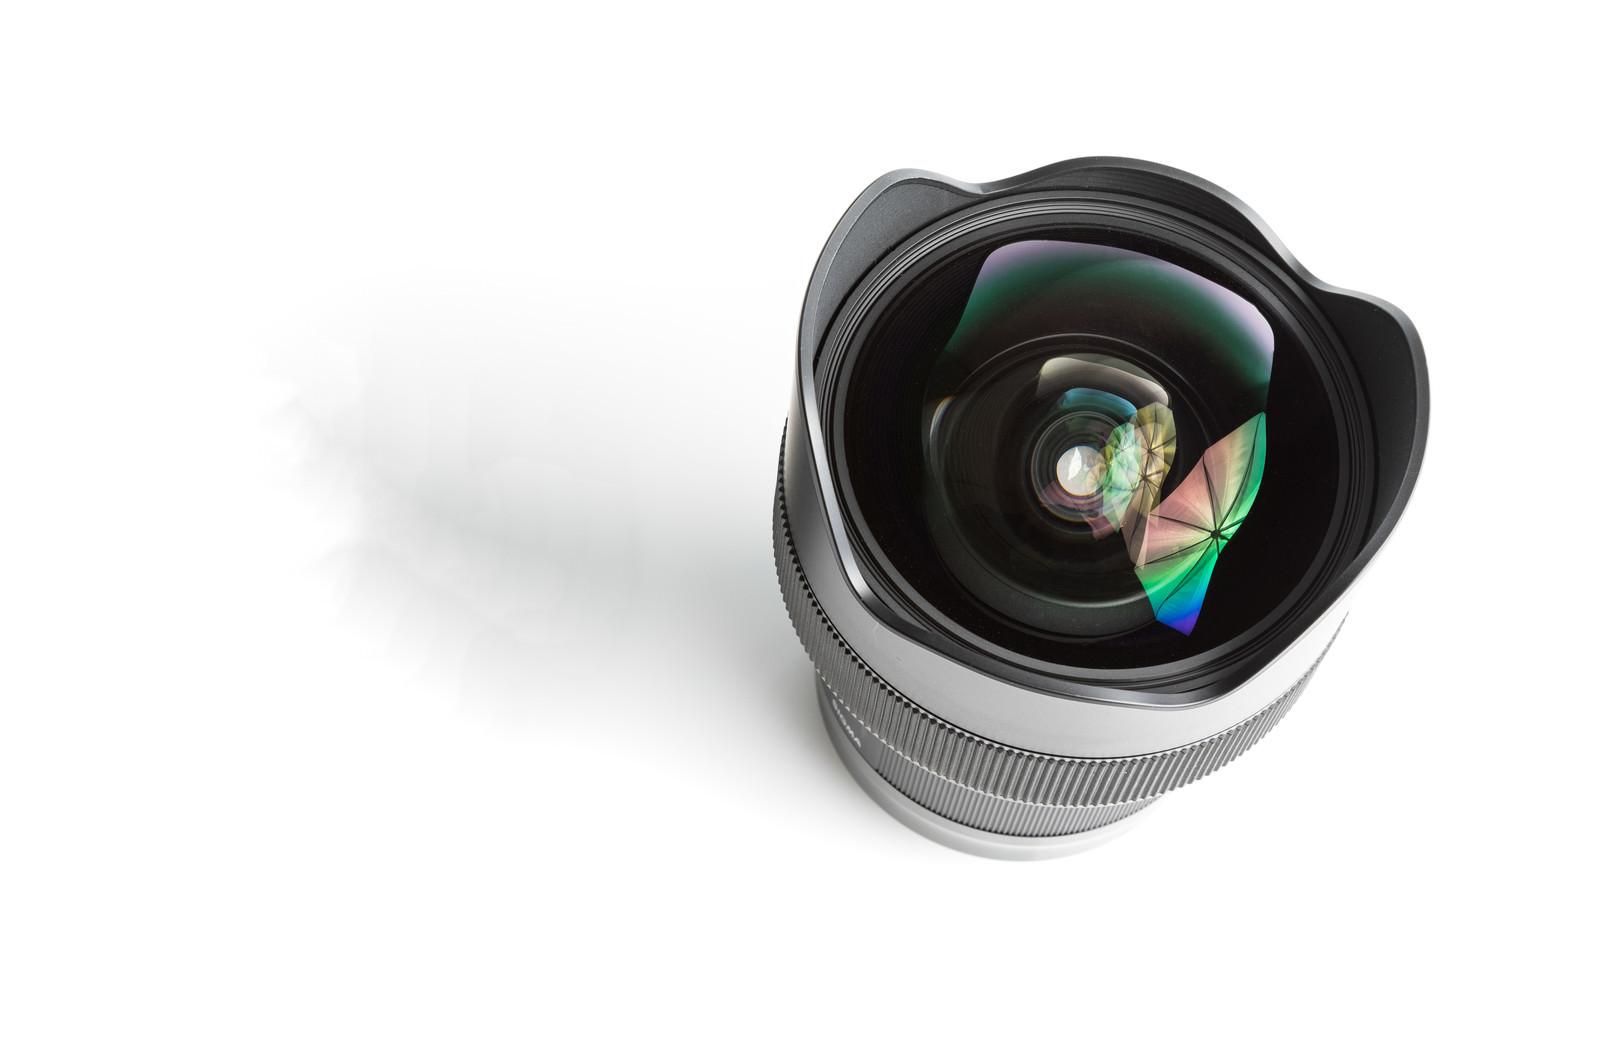 カメラレンズ14mm F1.4(11群16枚)に反射するアンブレラのフリー素材